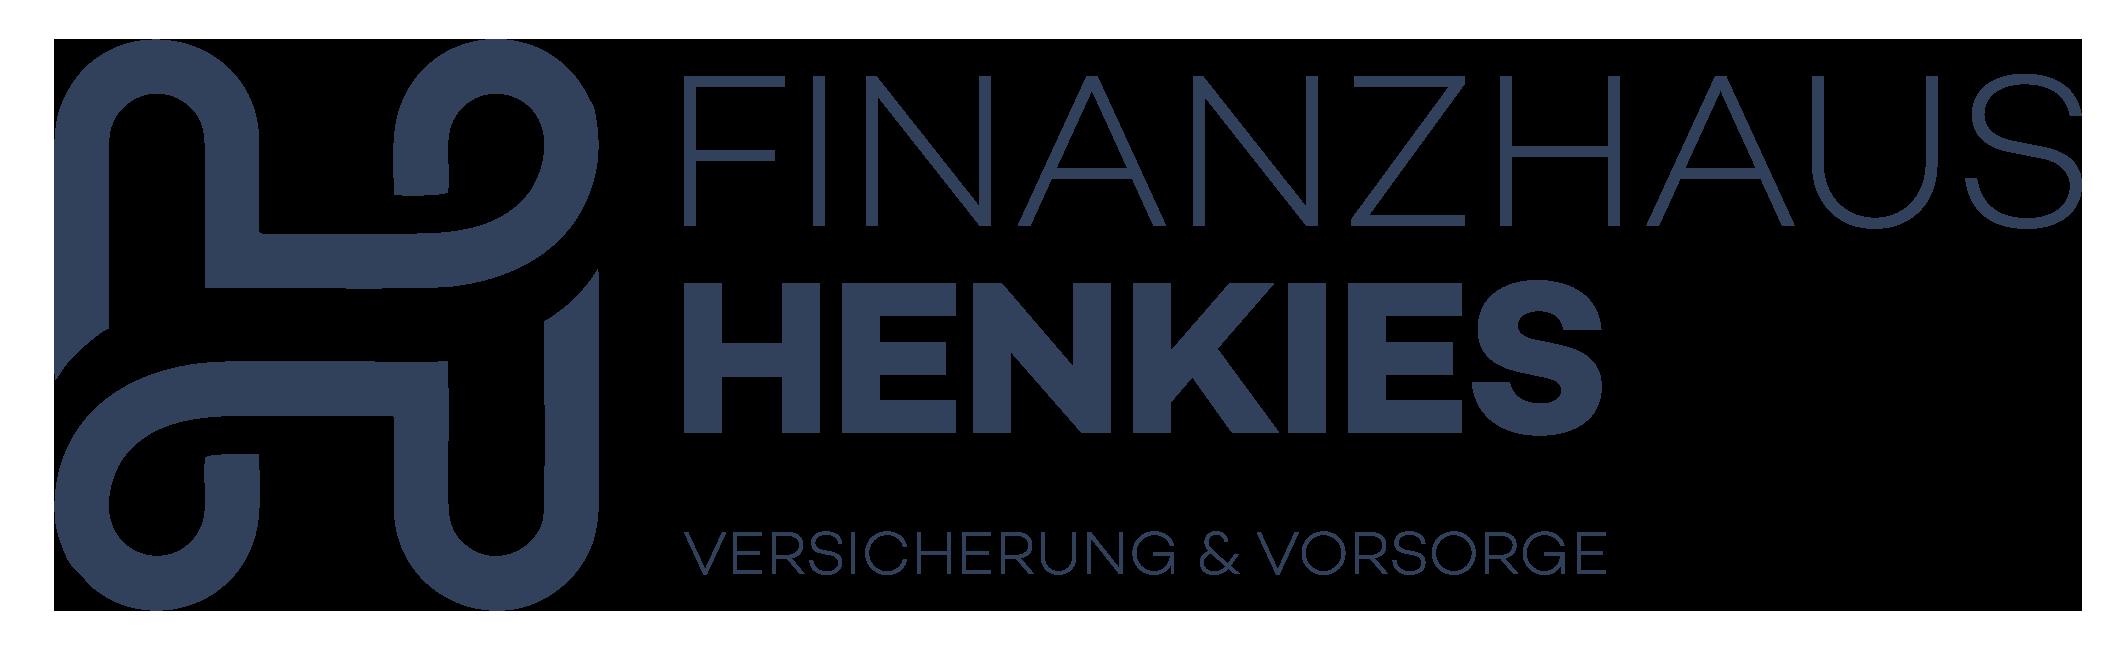 Dirk Henkies ist ein freier unabhängiger Versicherungsmakler in Emmendingen